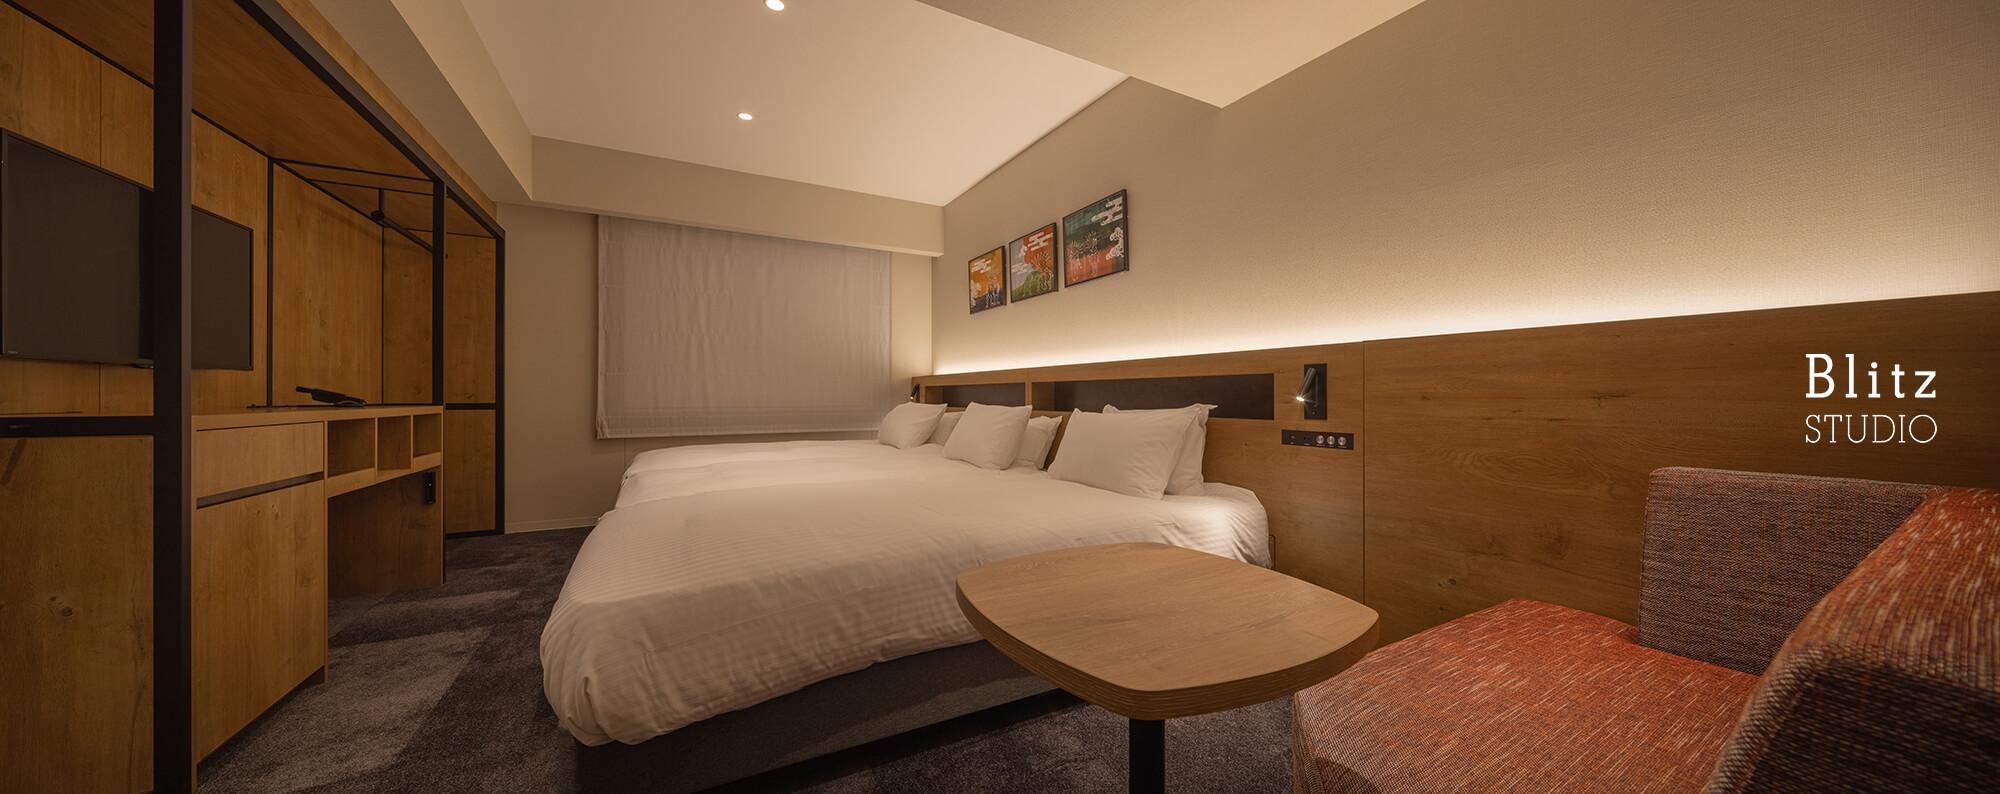 『ホテルフォルツァ大阪道頓堀』建築写真・竣工写真・インテリア写真12